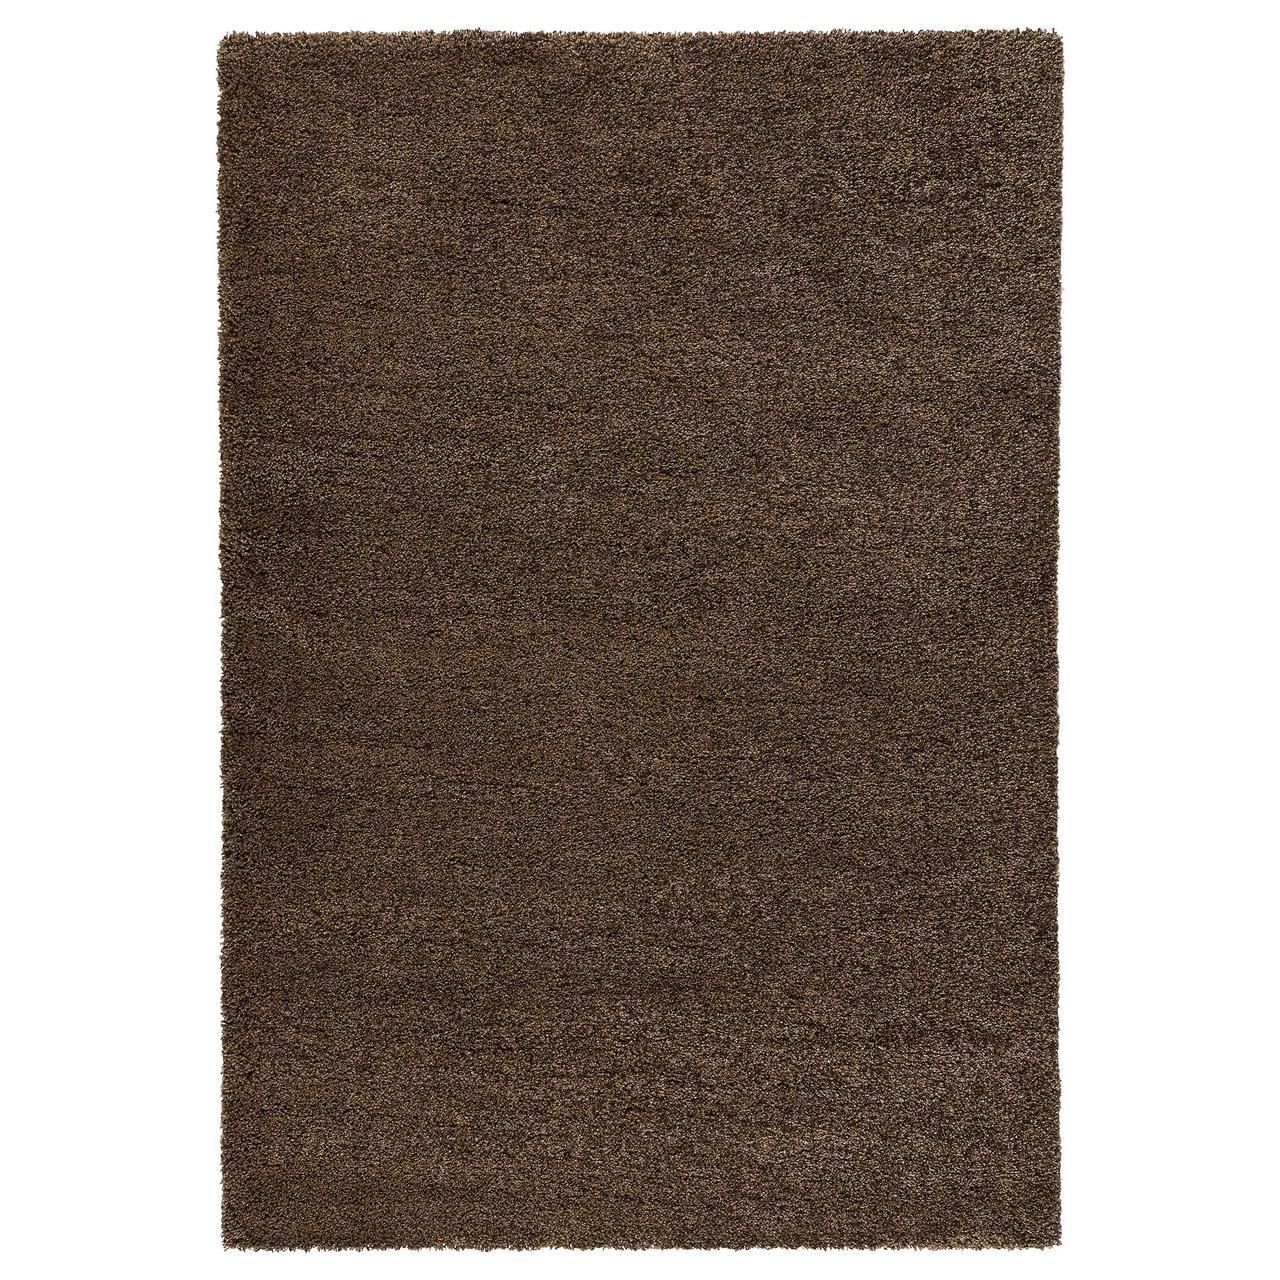 ОДУМ Ковер, длинный ворс, светло-коричневый